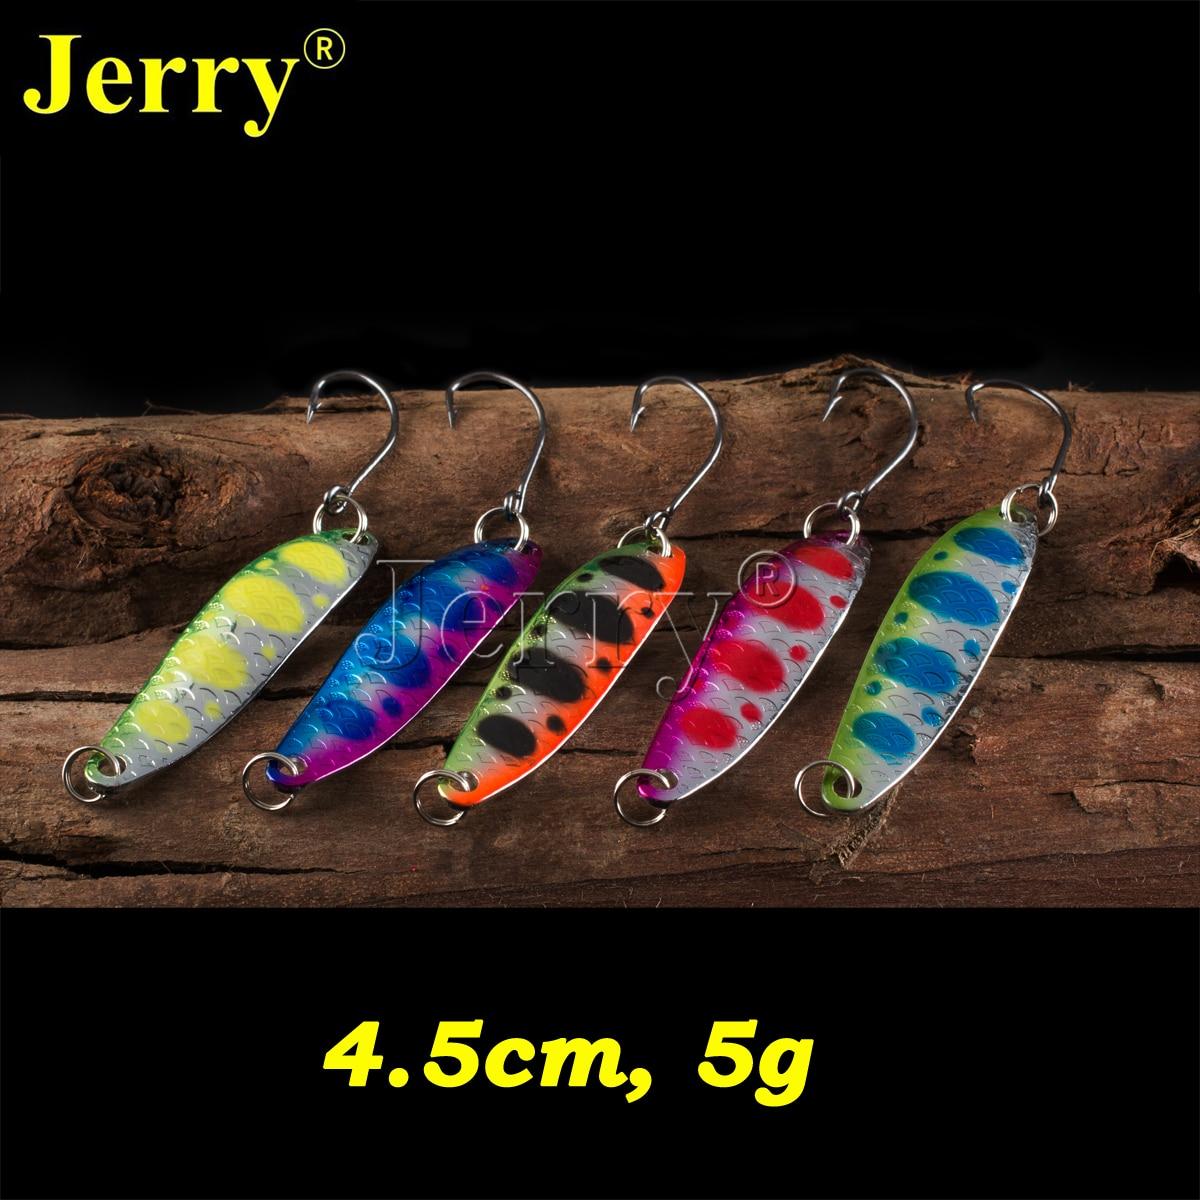 Jerry 5vnt. 5g liejimo metalo šaukštai žiemos žvejybai vilioja dirbtinį masalą